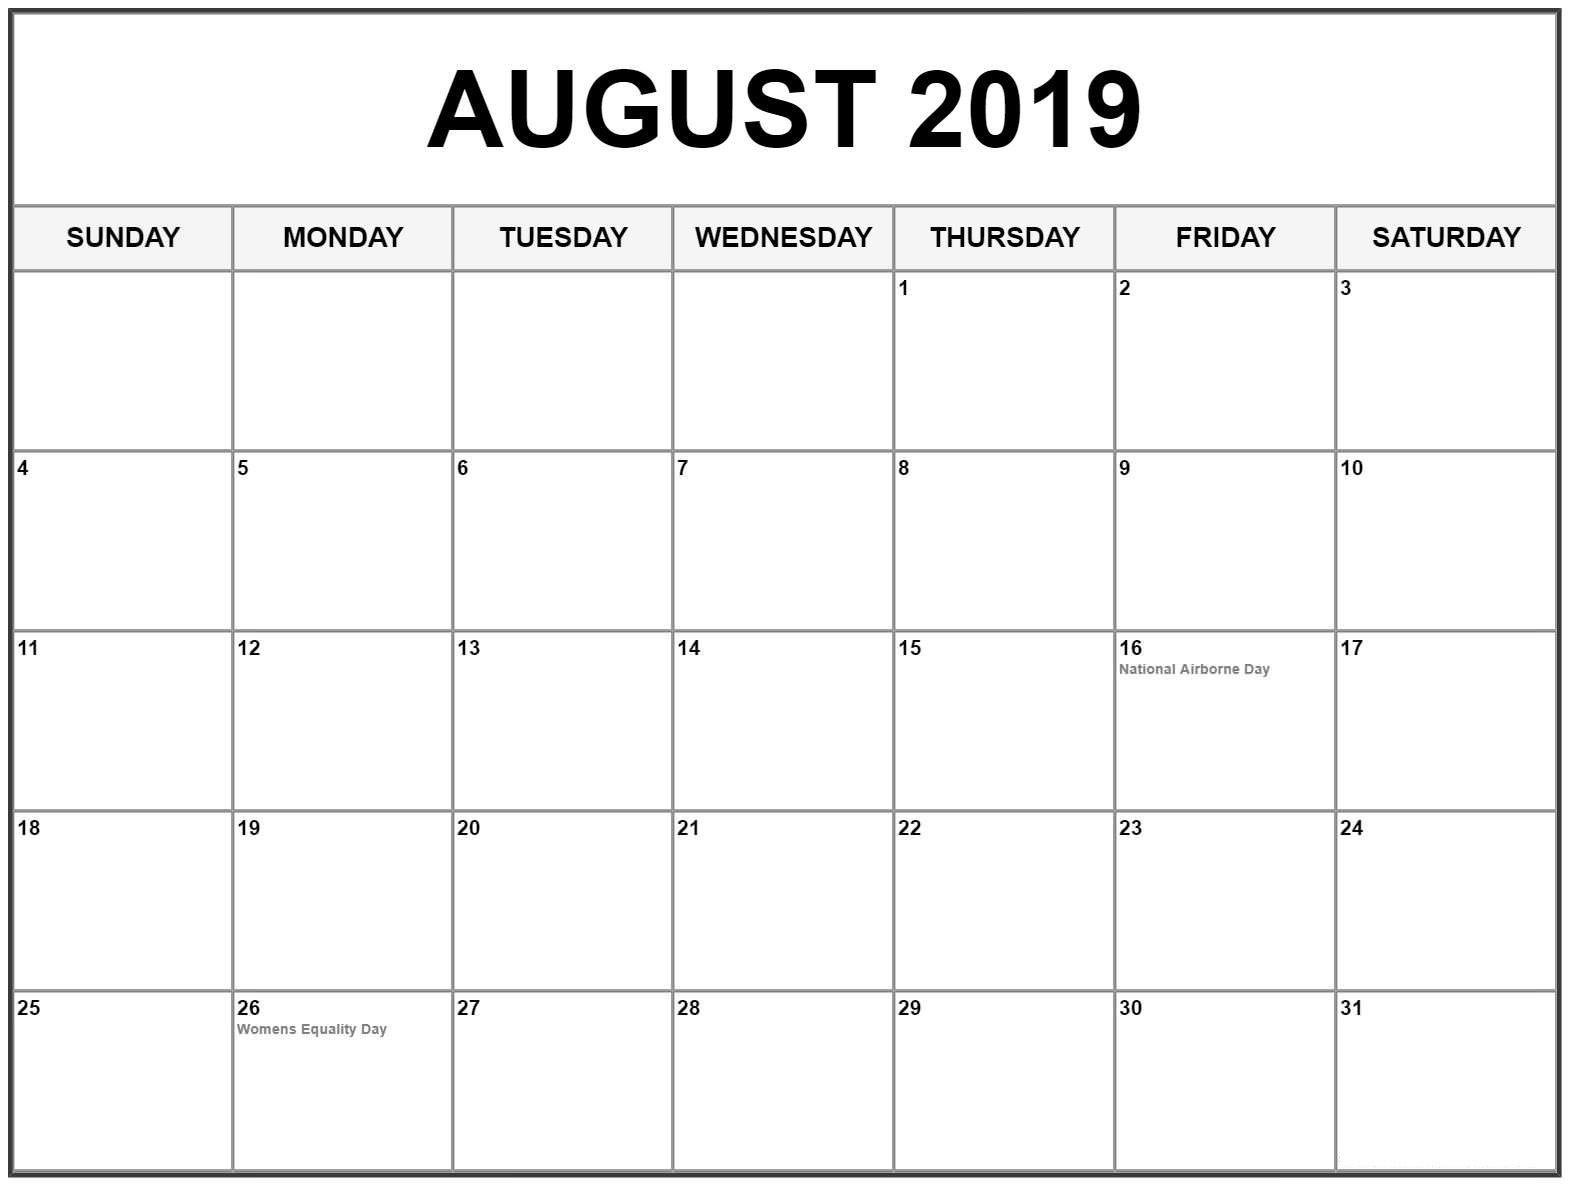 August 2019 Calendar Usa August 2019 Calendar With Holidays USA, Canada | August 2019